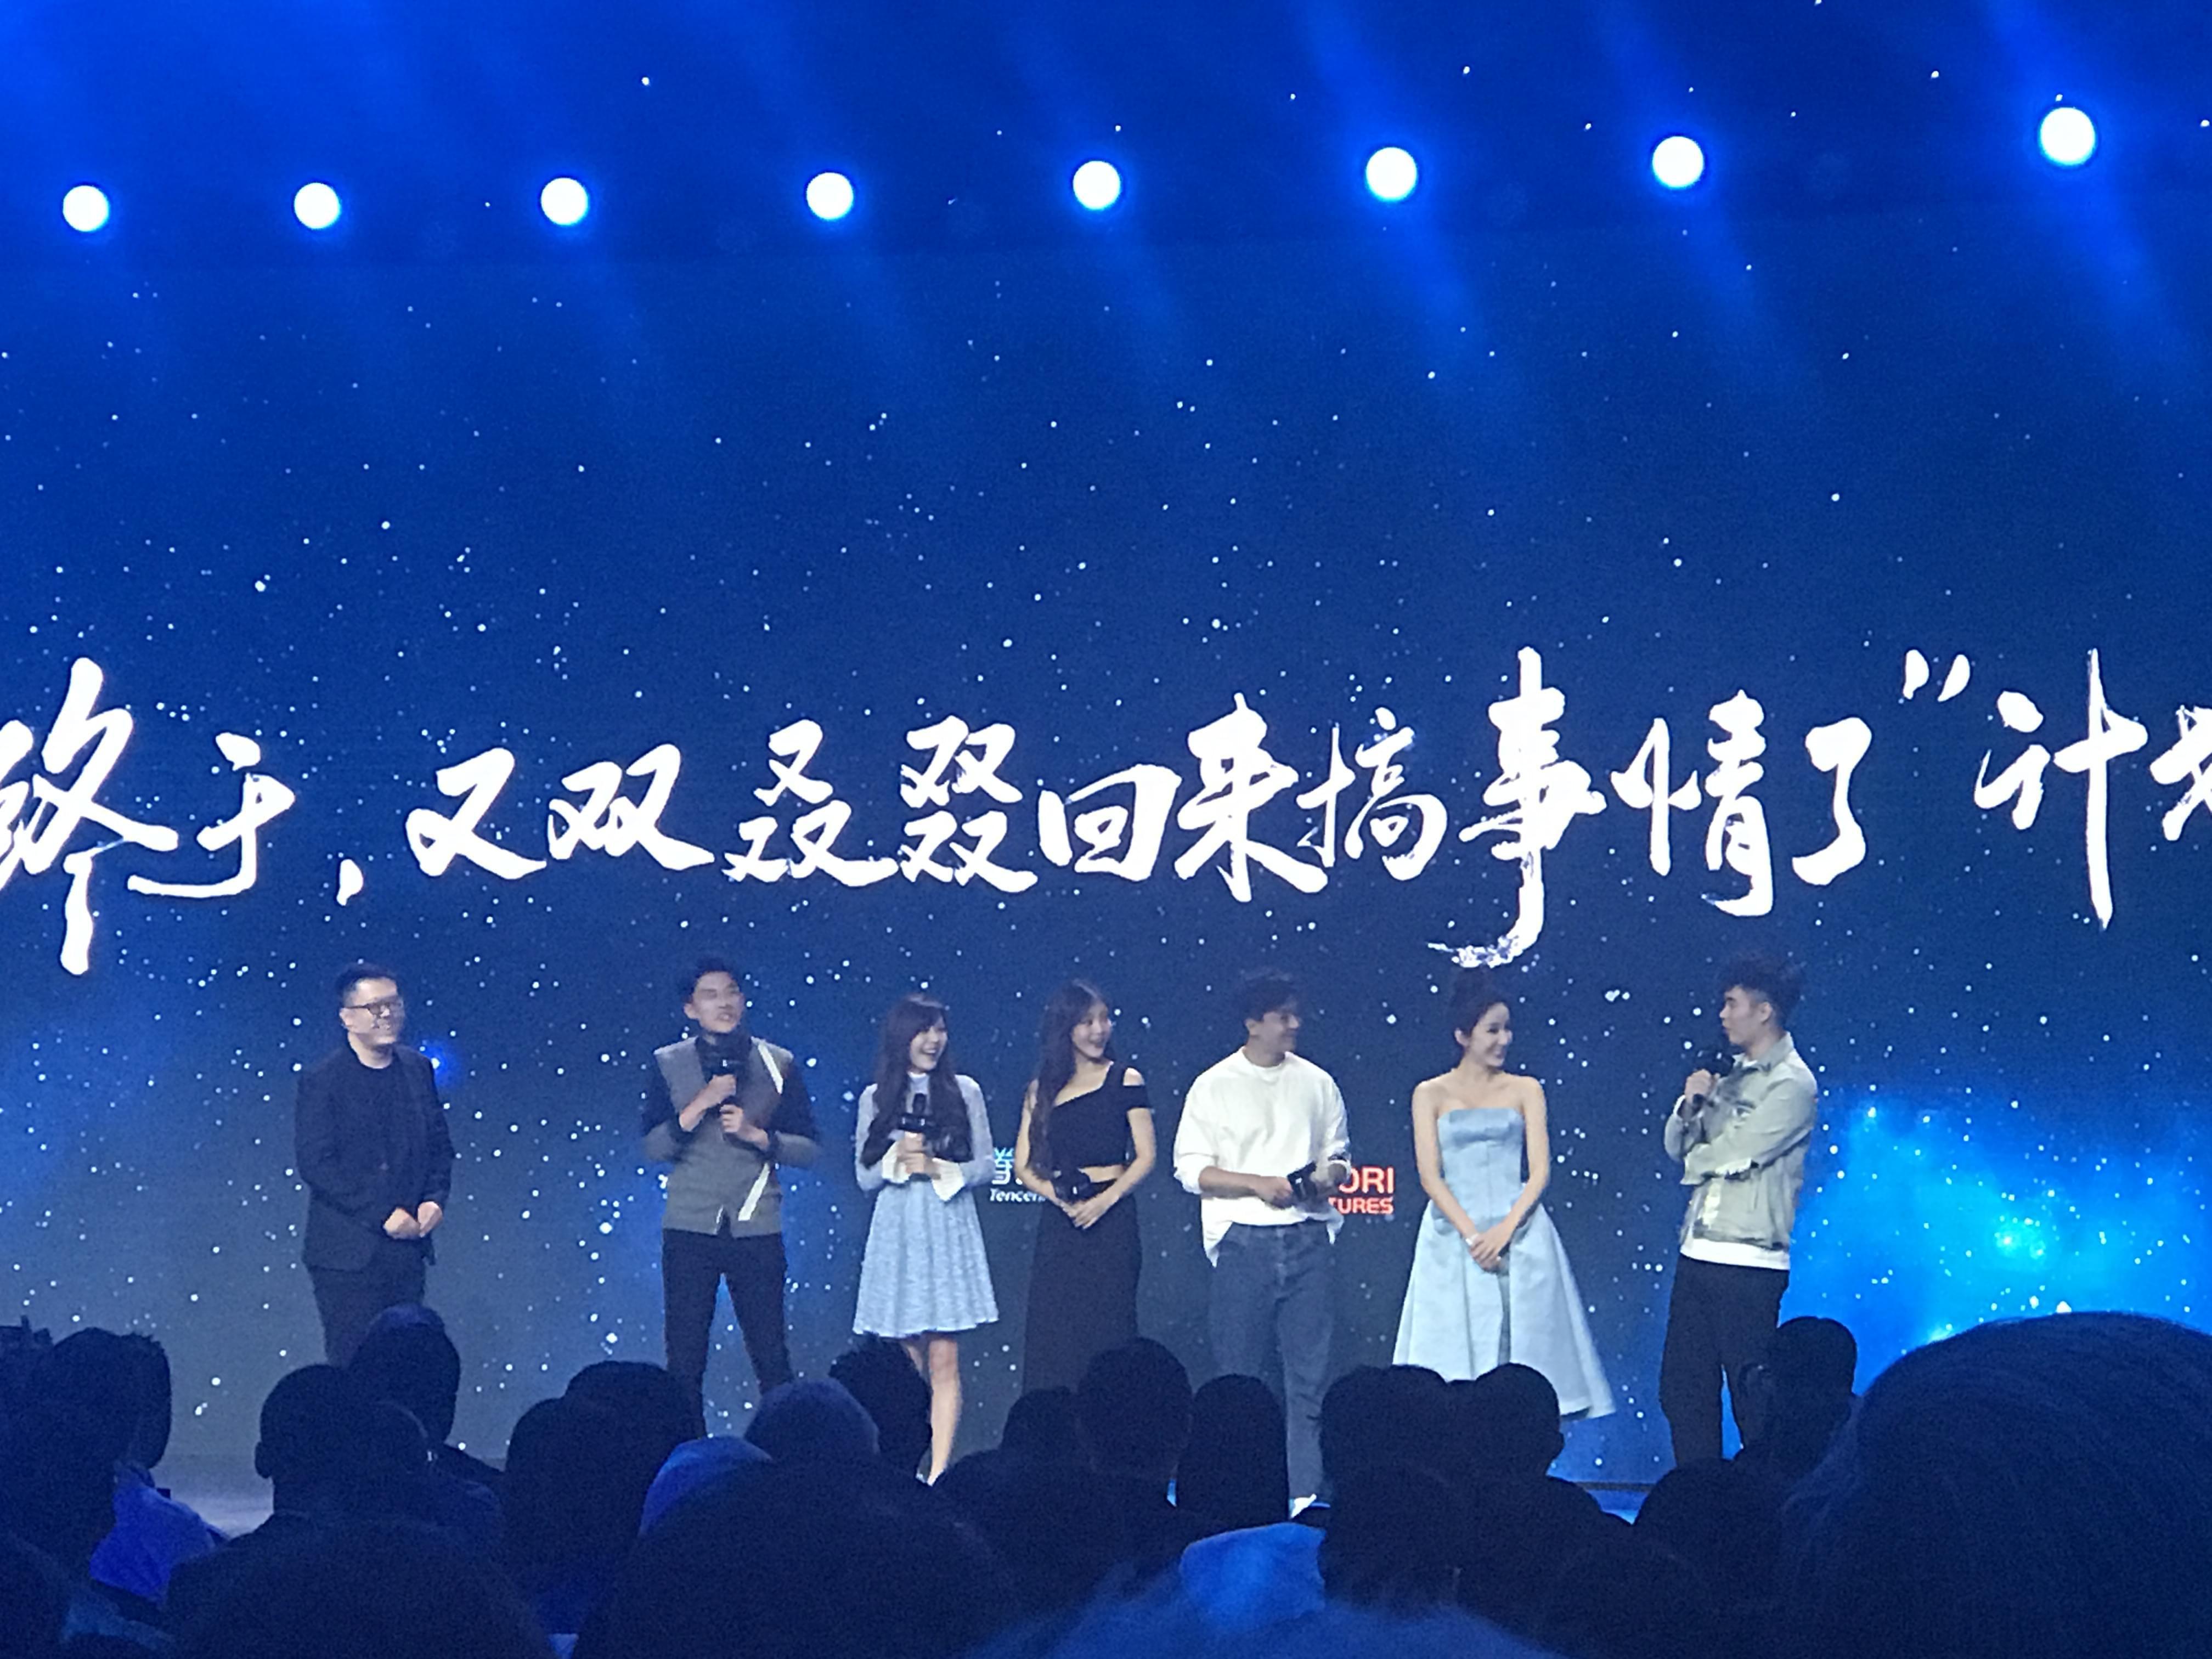 《爱情公寓》将拍电影版 陈赫娄艺潇等主演重聚